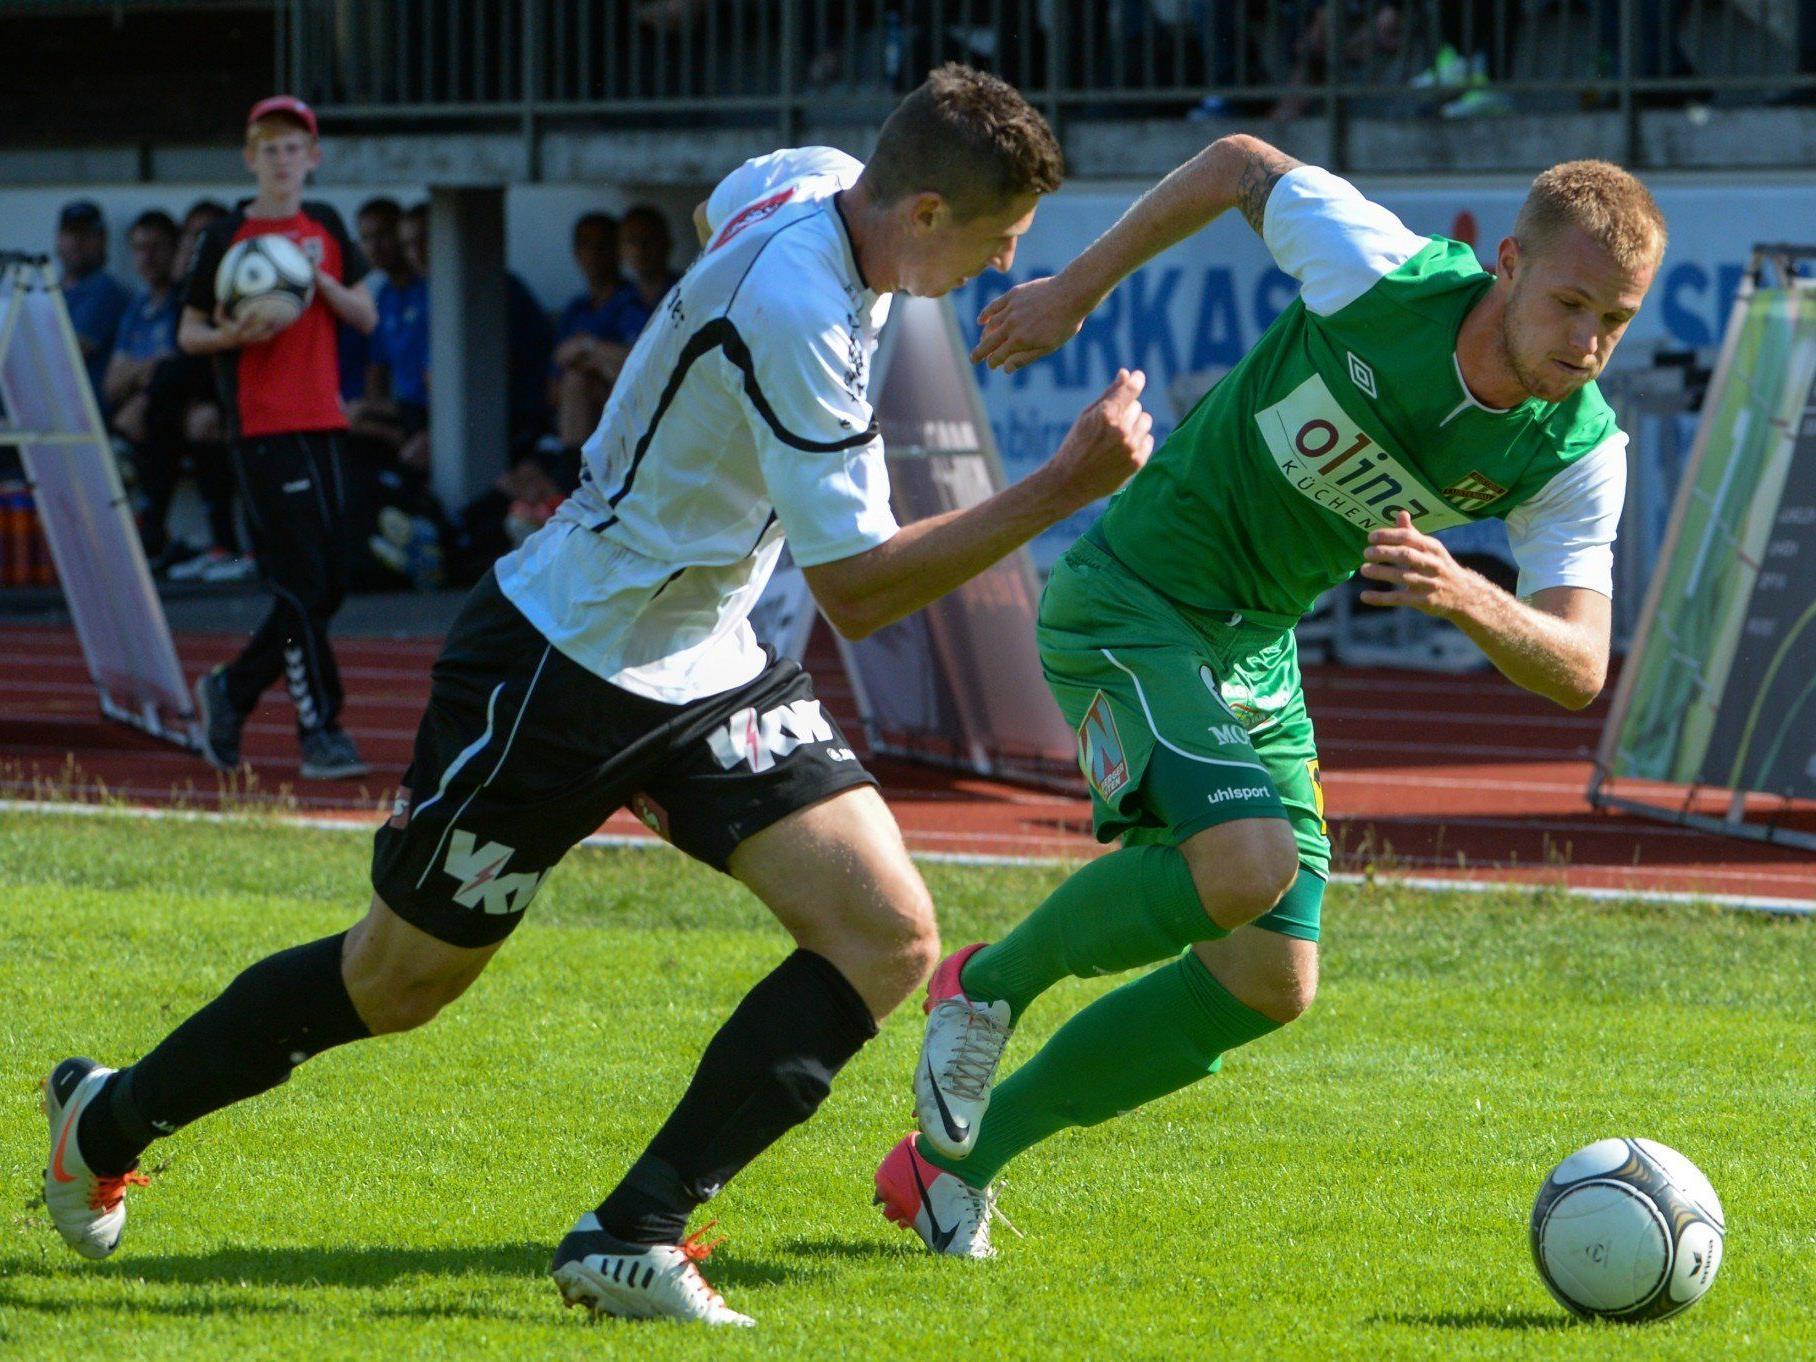 Altach und Lustenau stehen sich in der 9. Runde nicht als Gegner gegenüber, müssen aber trotzdem in ihren Partien vollen Einsatz zeigen.